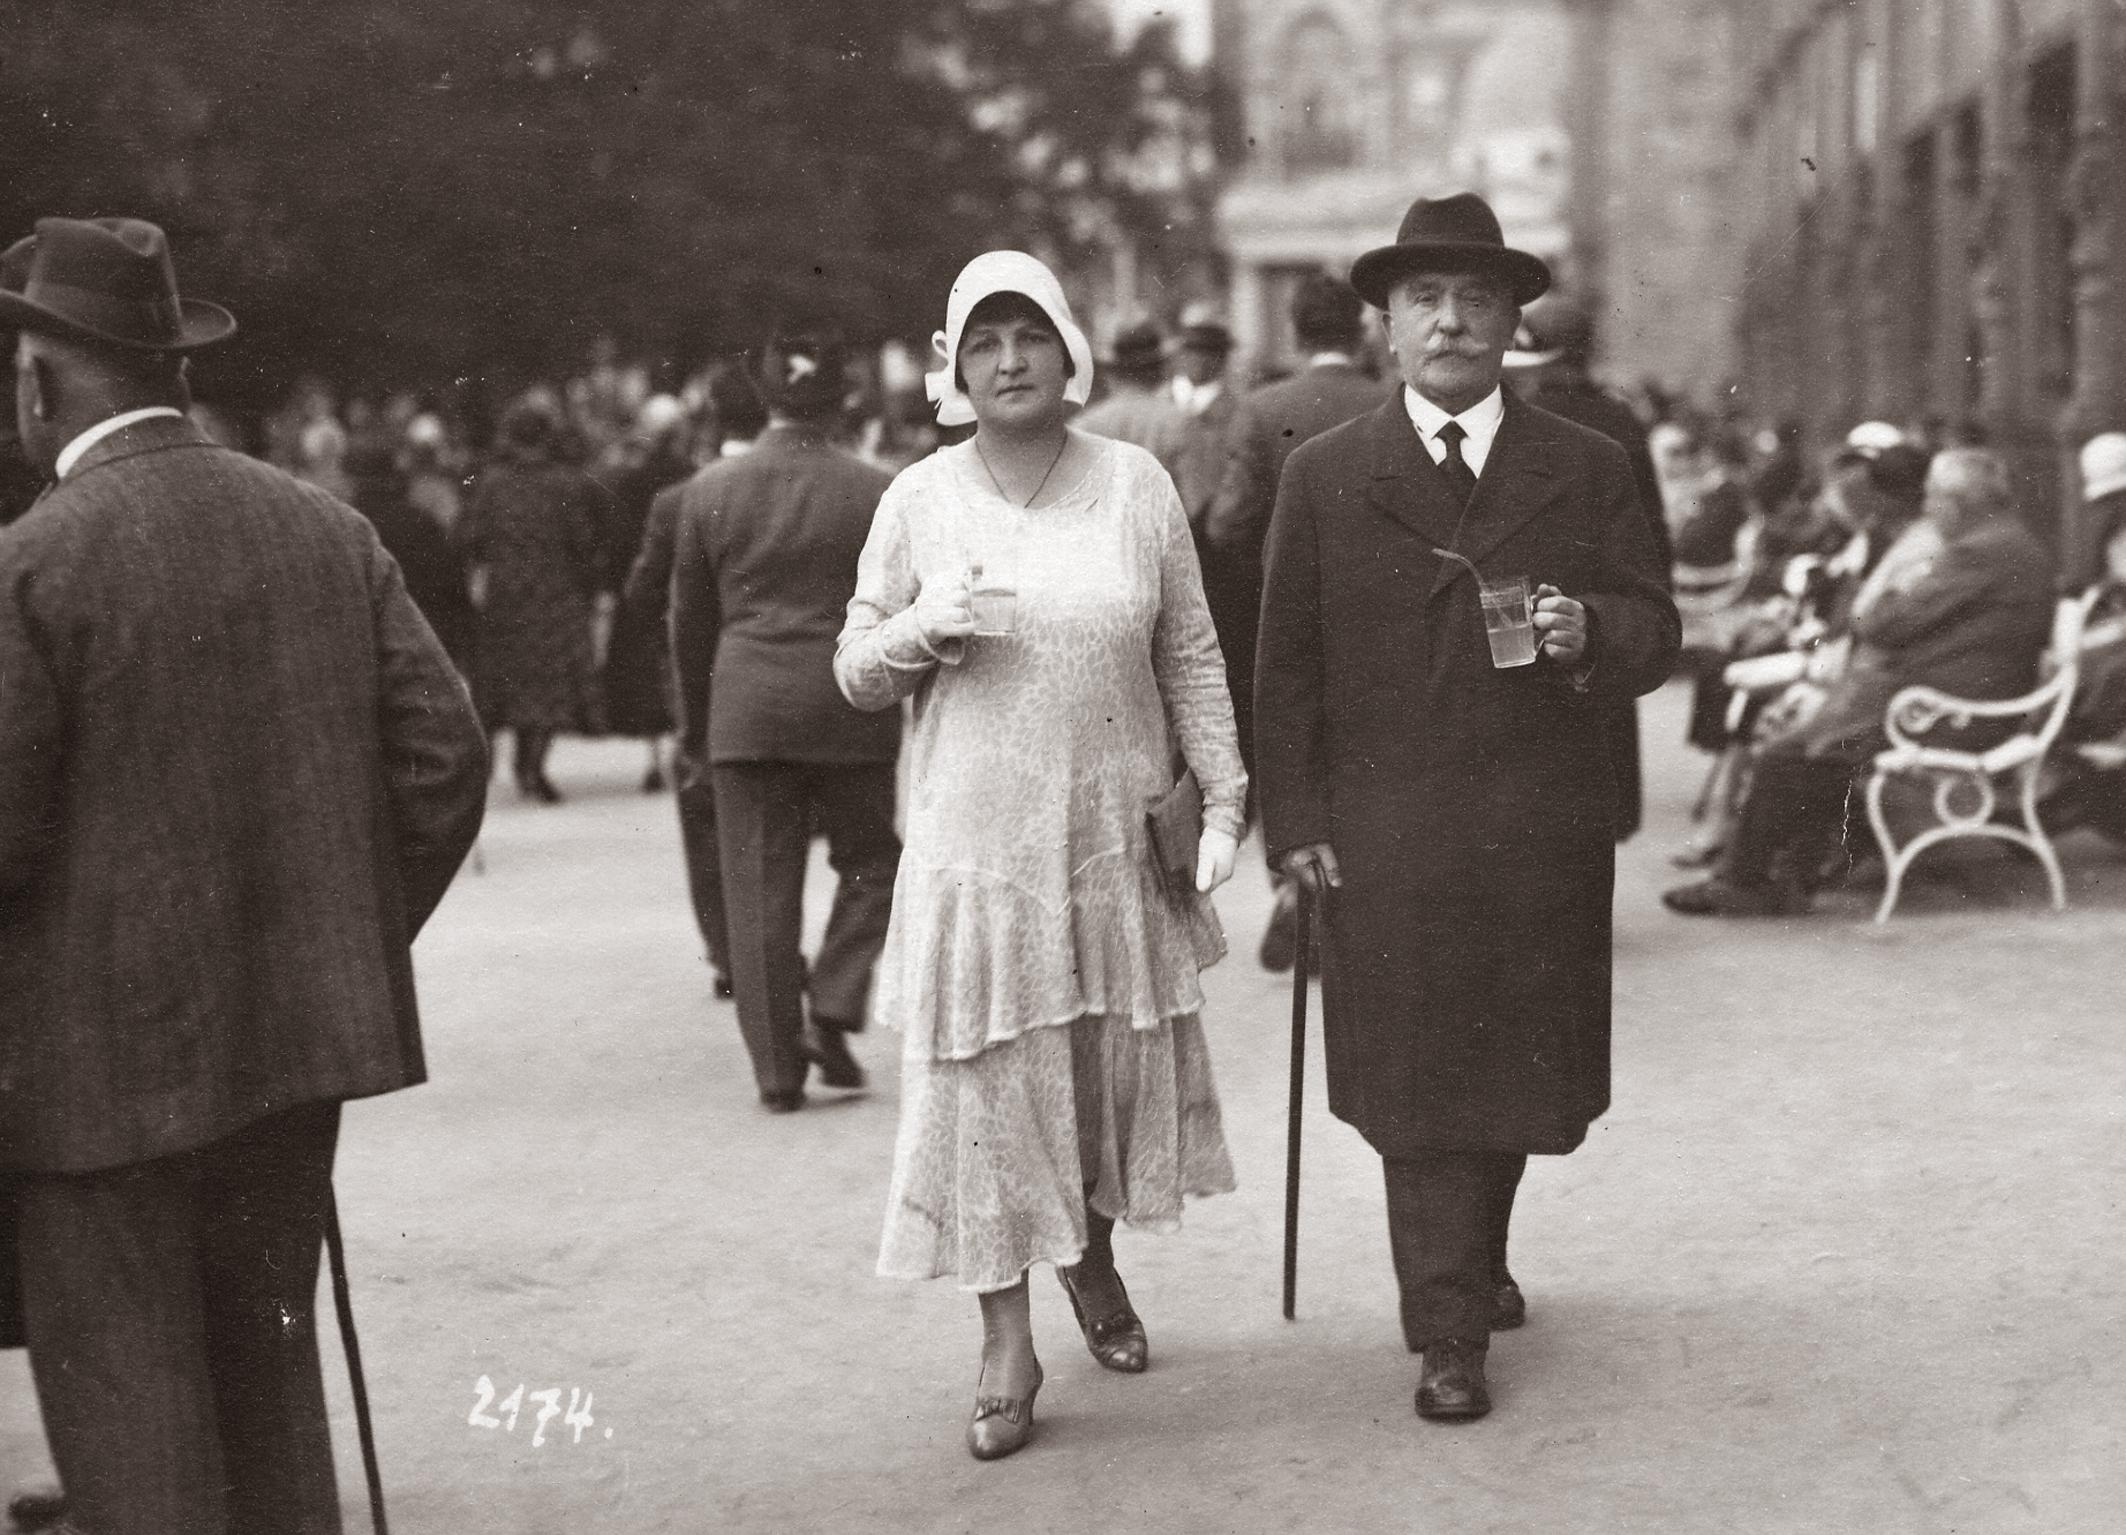 Karolina ir Jonas Moigiai, 1930 m. PANEVĖŽIO KRAŠTOTYROS MUZIEJAUS FONDO nuotr.